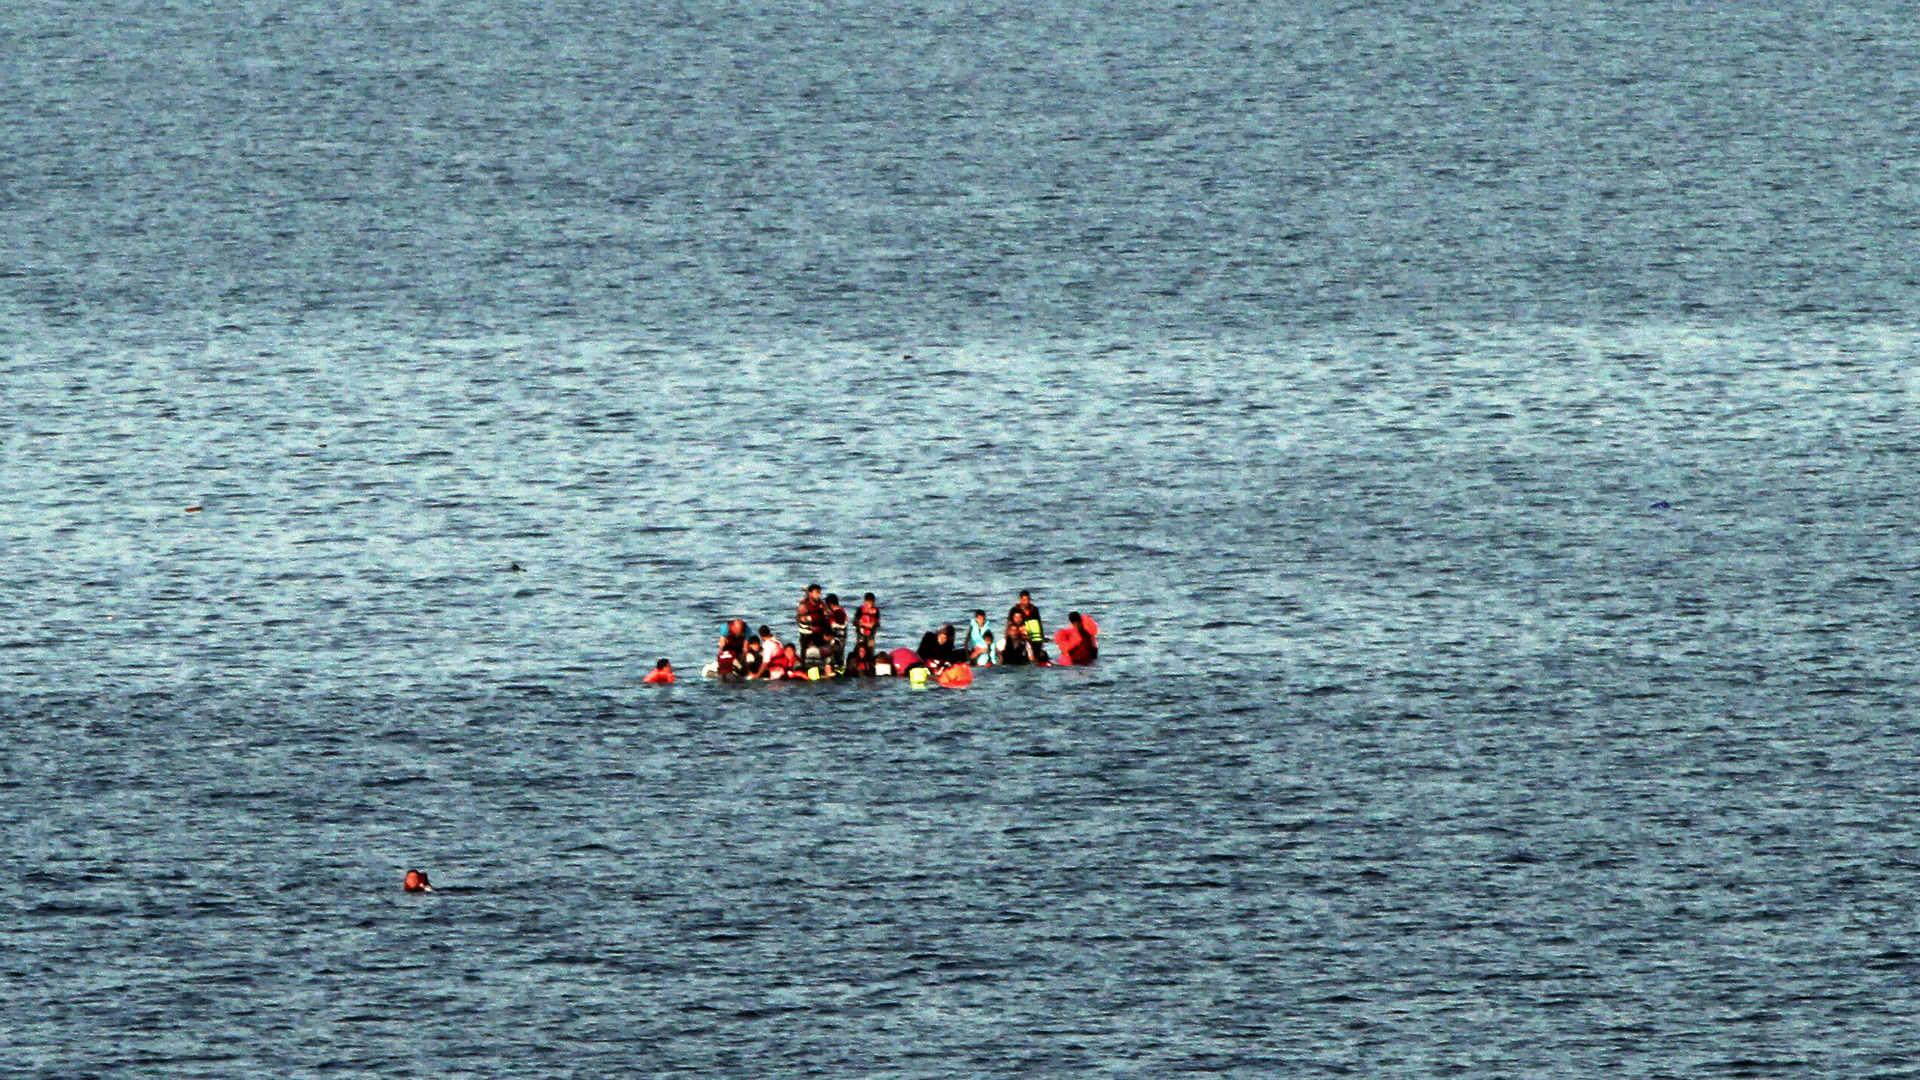 Hasta el momento reportaron 11 súpervivientes y una víctima mortal